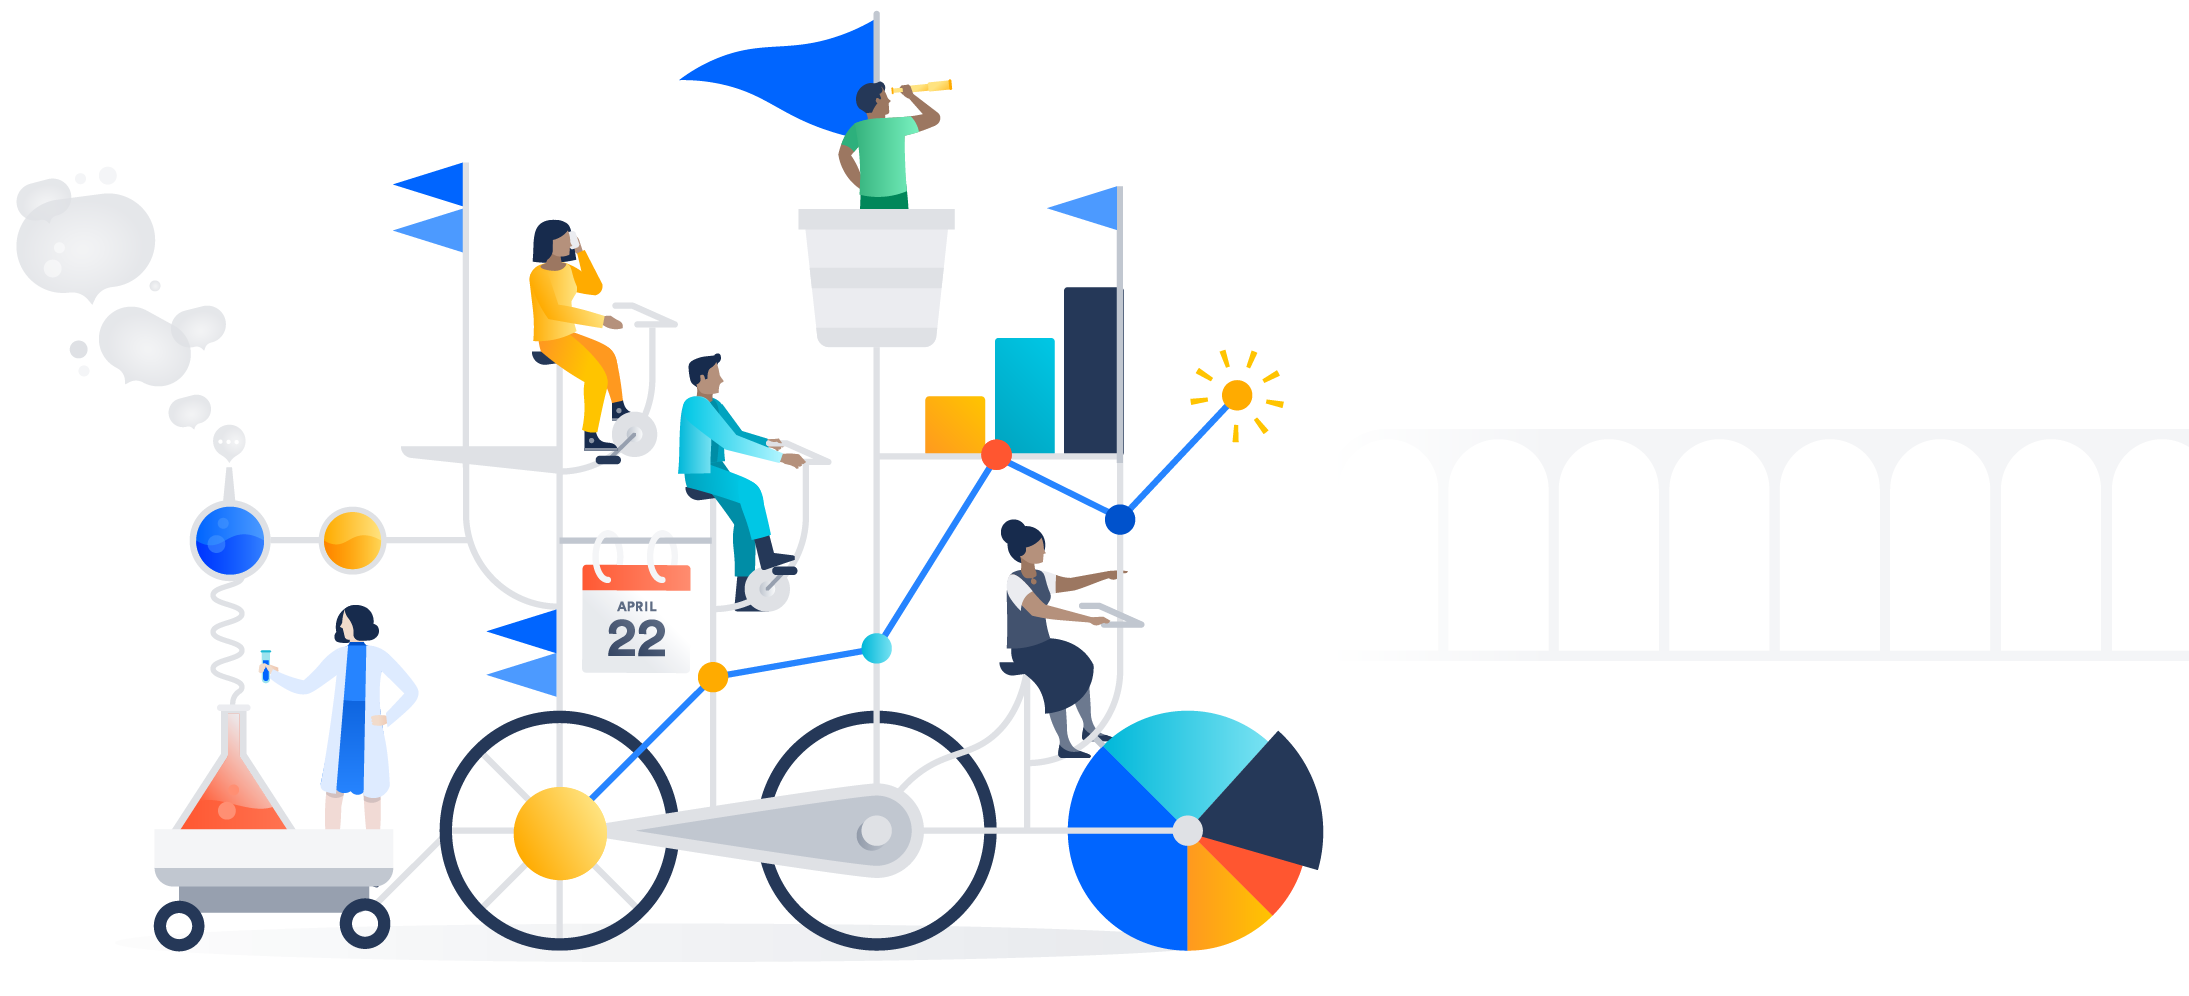 Ilustración de varias personas en una compleja bicicleta